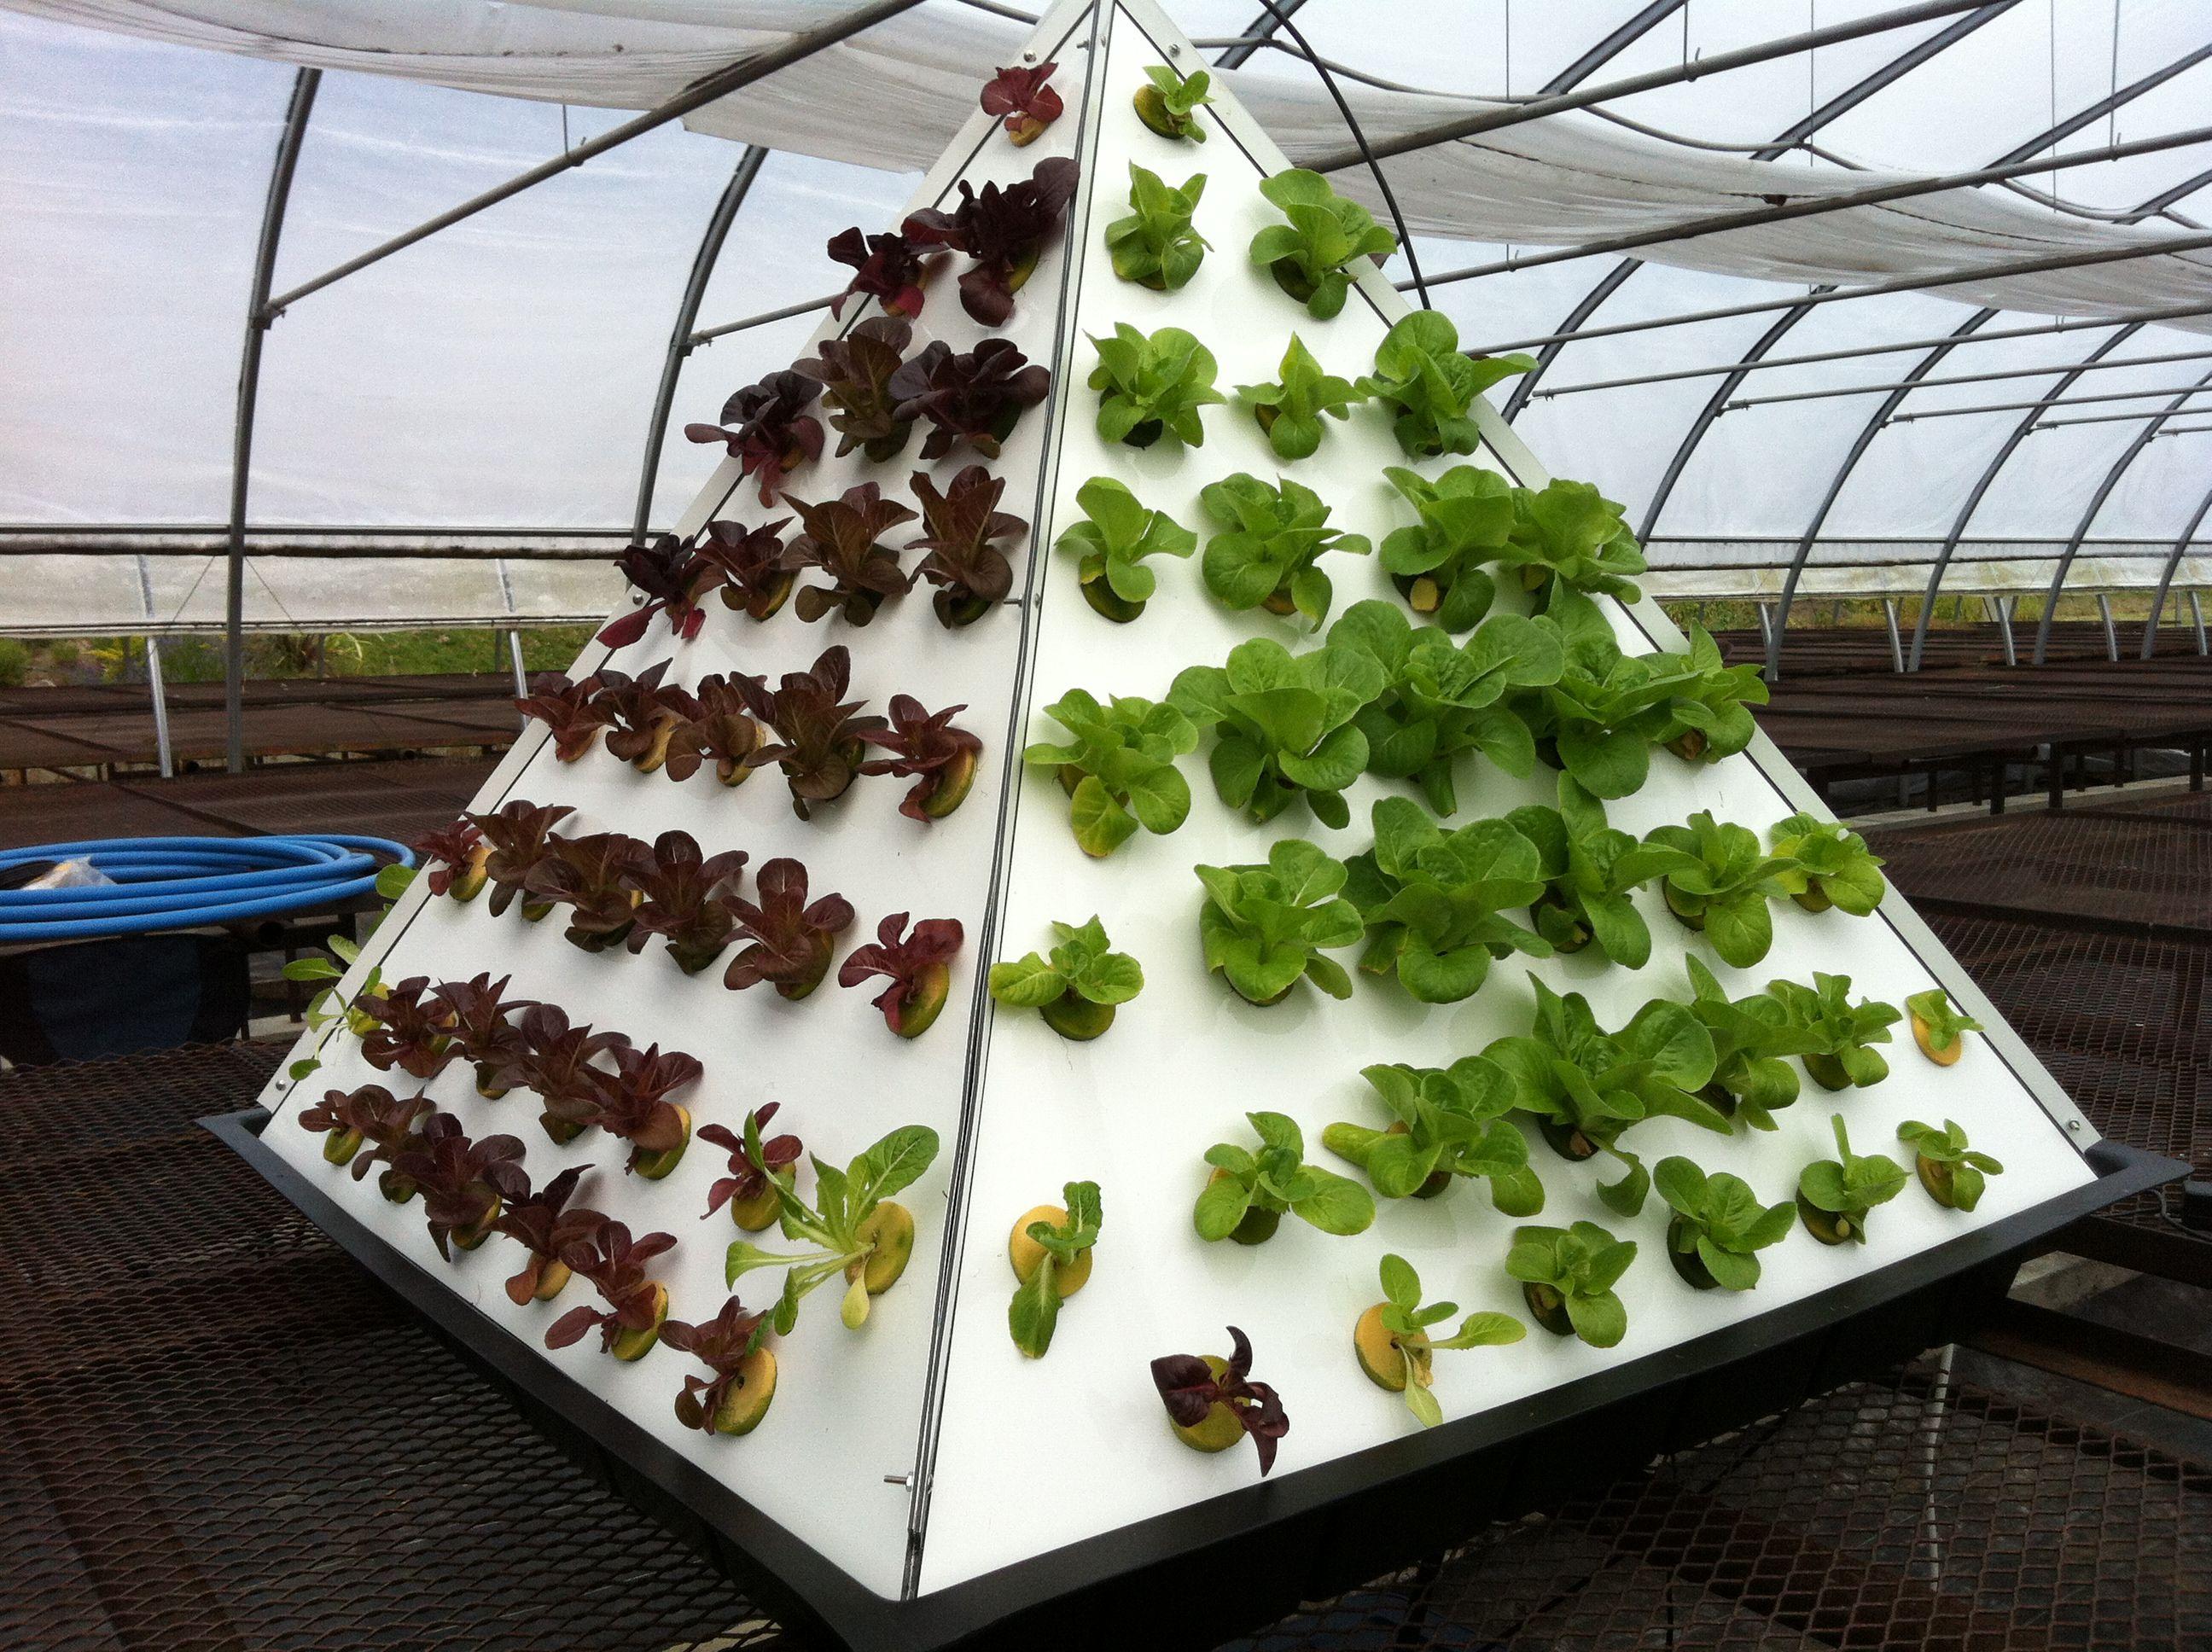 Pyramid Gardening Organic Veggies Hydroponic